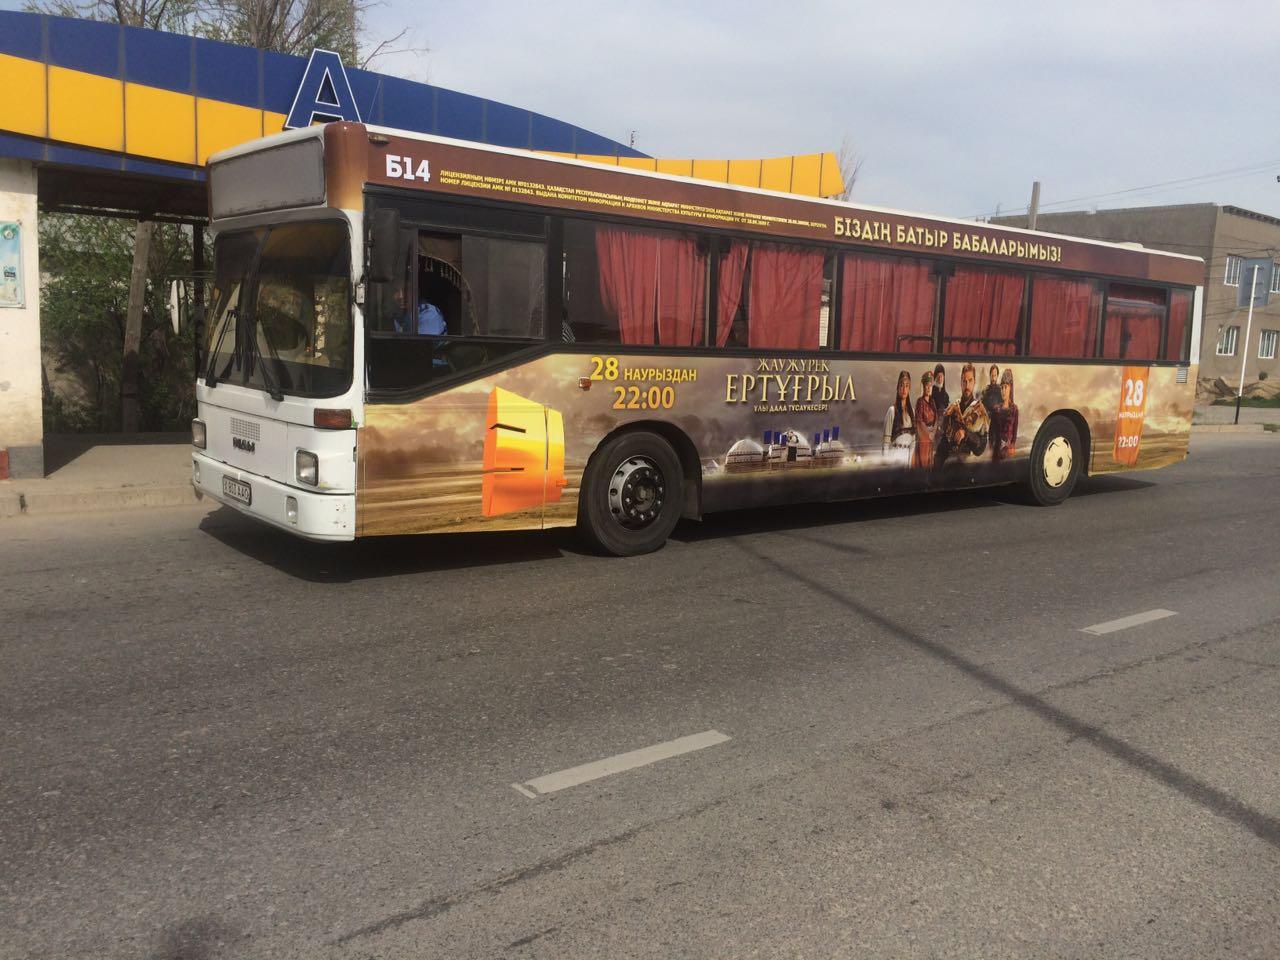 Как рекламировать автобусные услуги продемонстрировать свою продукцию рекламировать свои товары услуги разместить личное порт